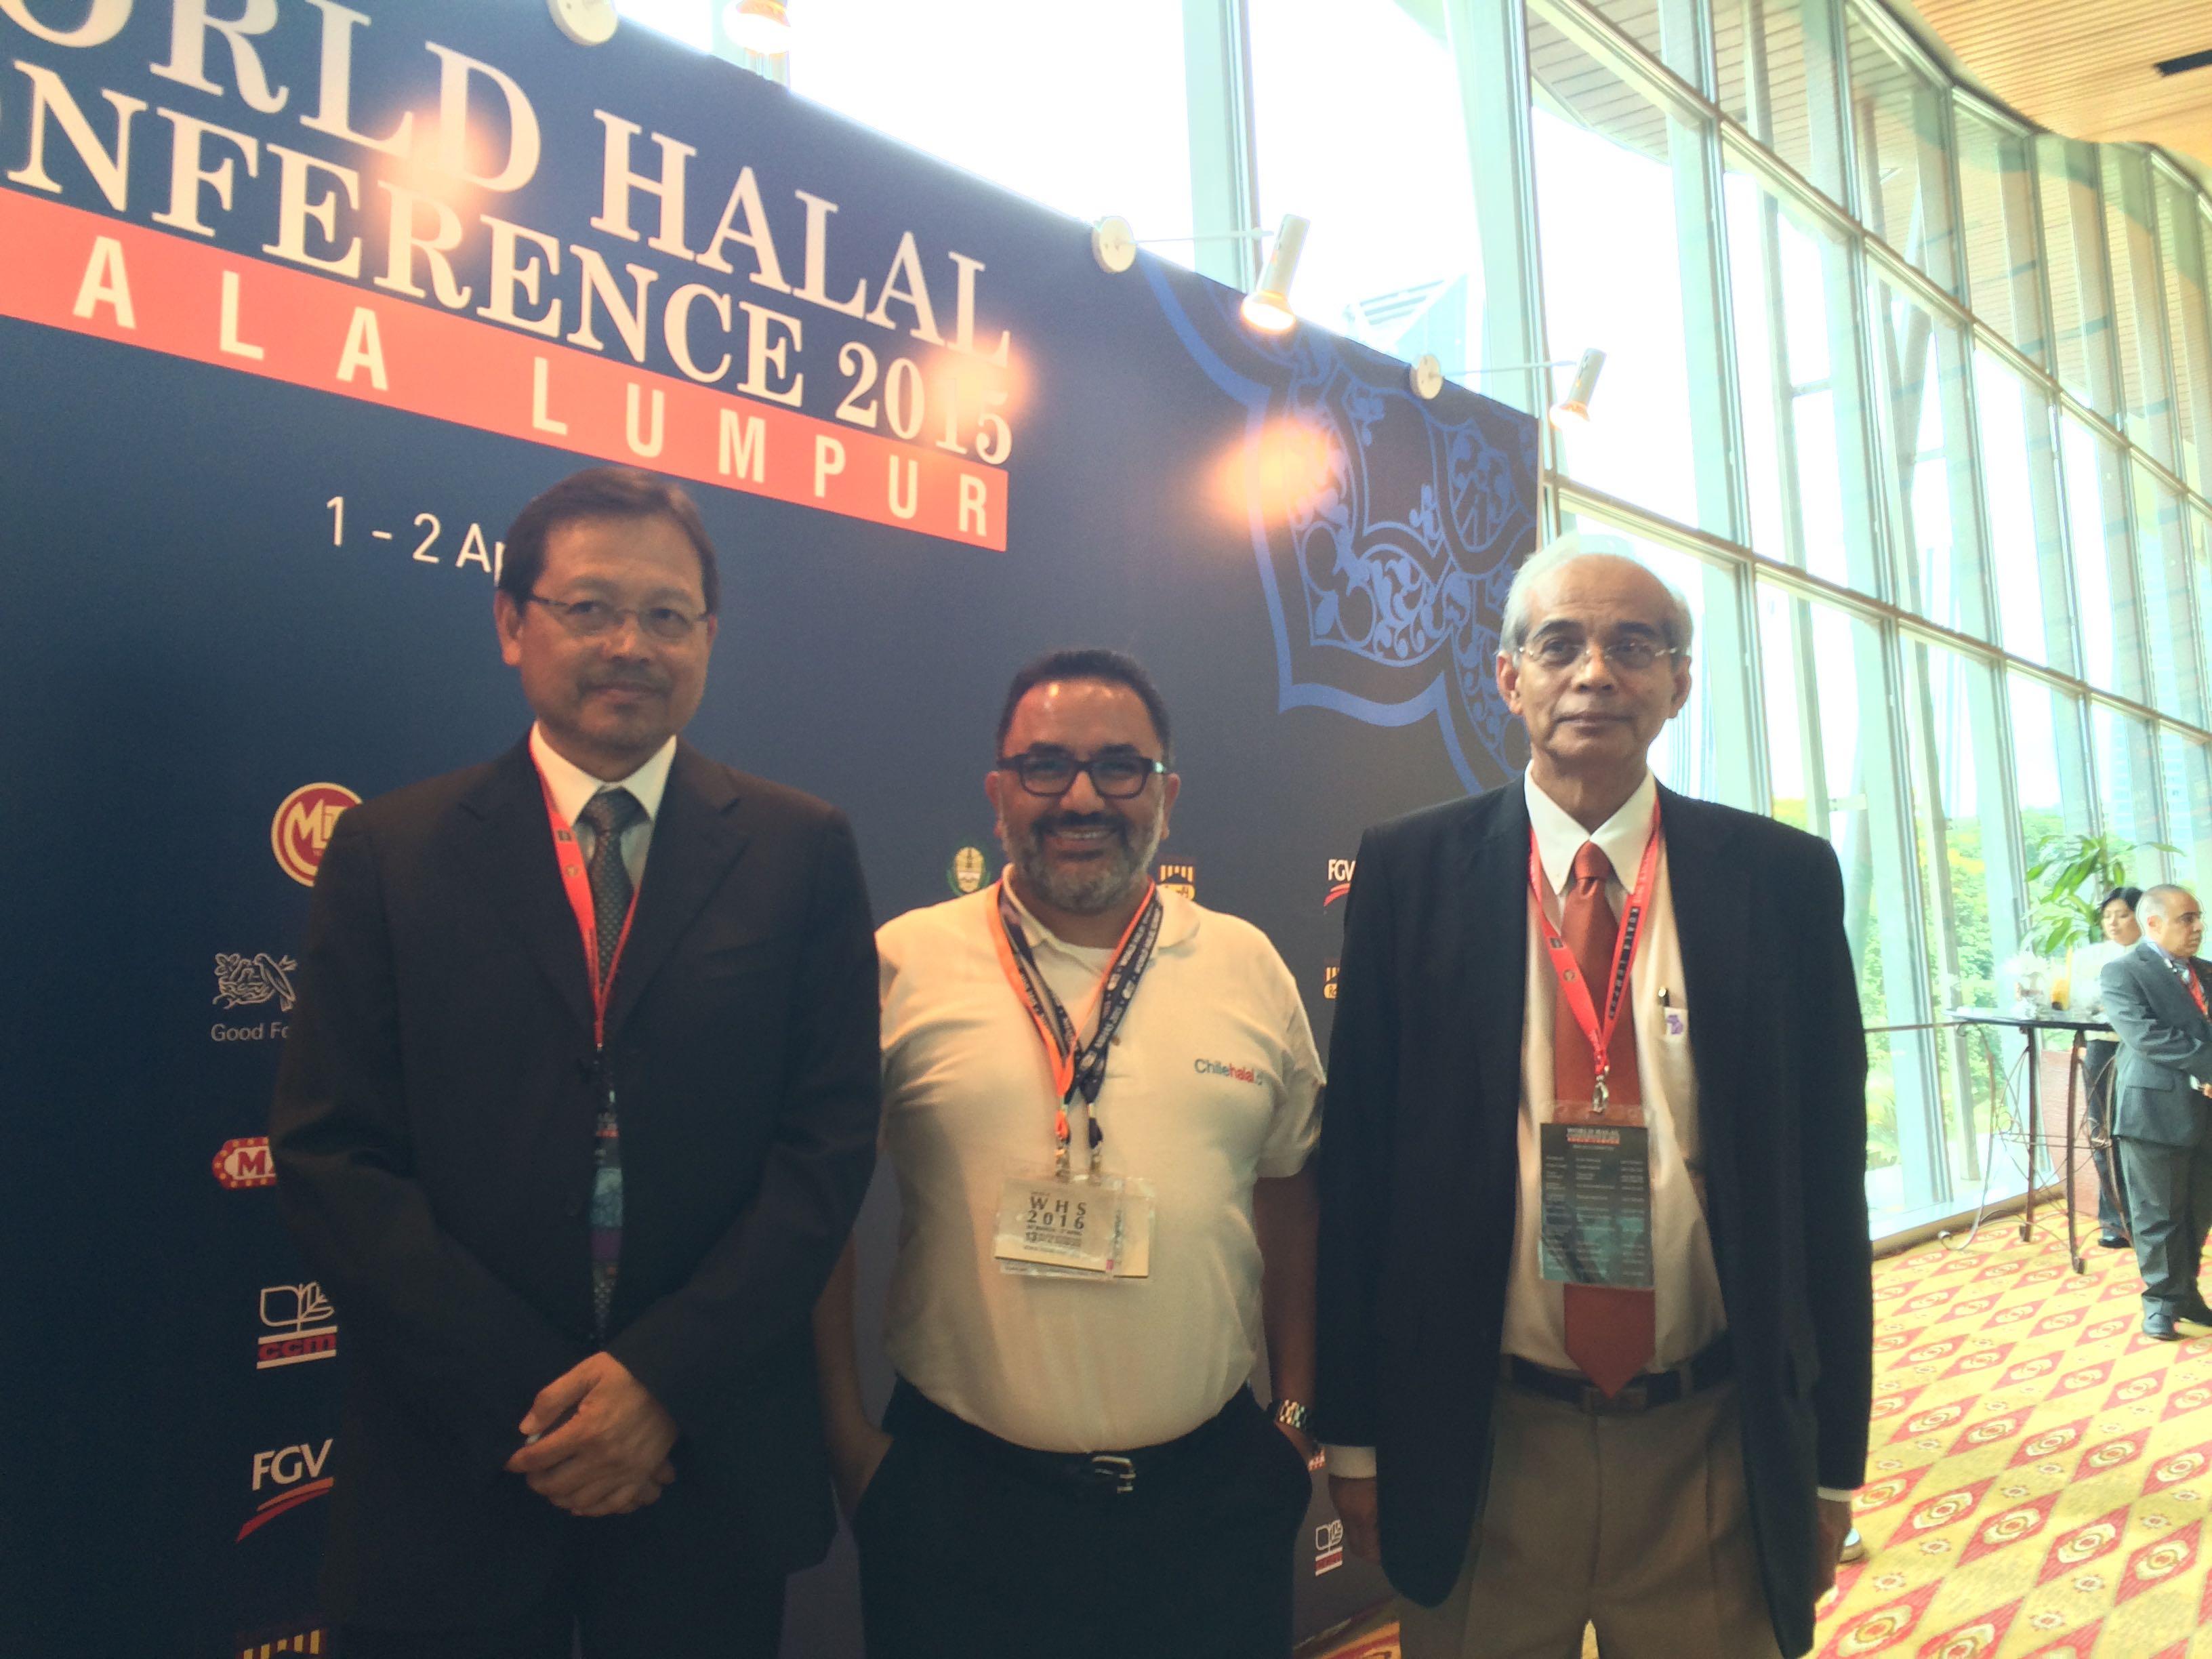 Chilehalal Participa en la «World Halal Conference 2015» en Kuala Lampur Malasia.